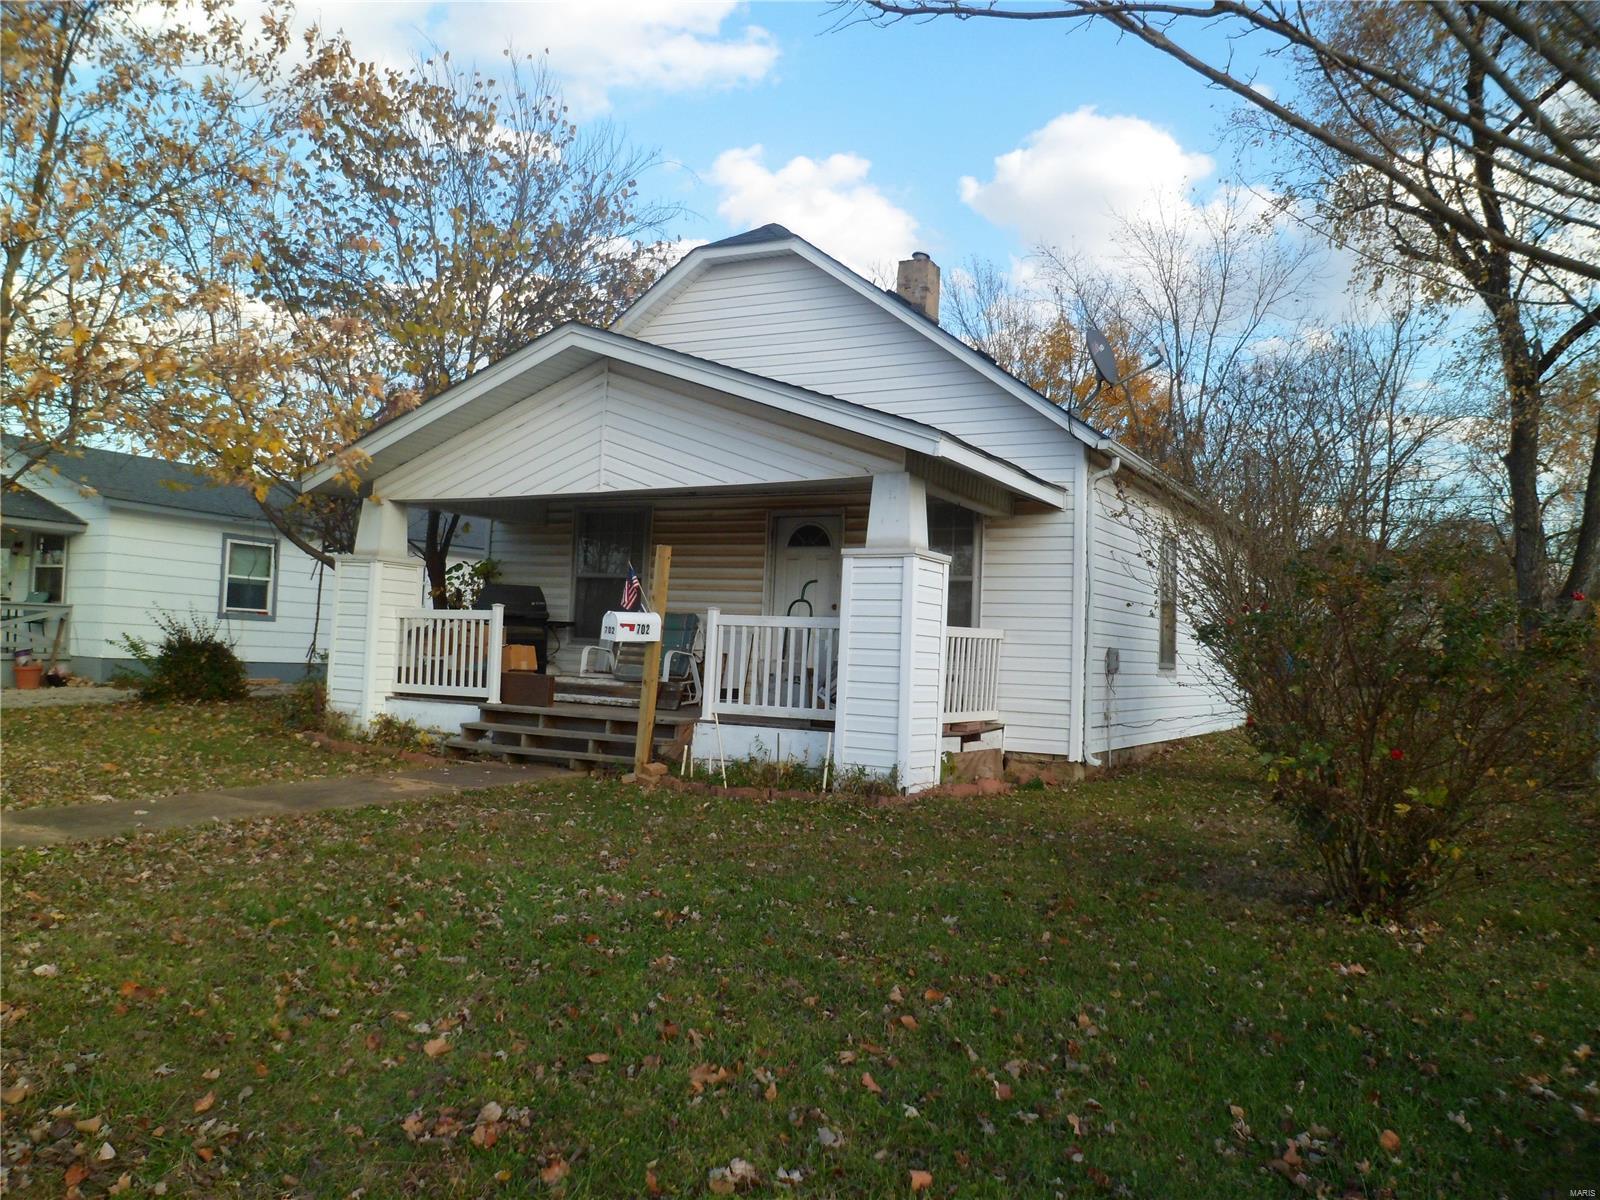 702 N Desloge Dr Property Photo - Desloge, MO real estate listing